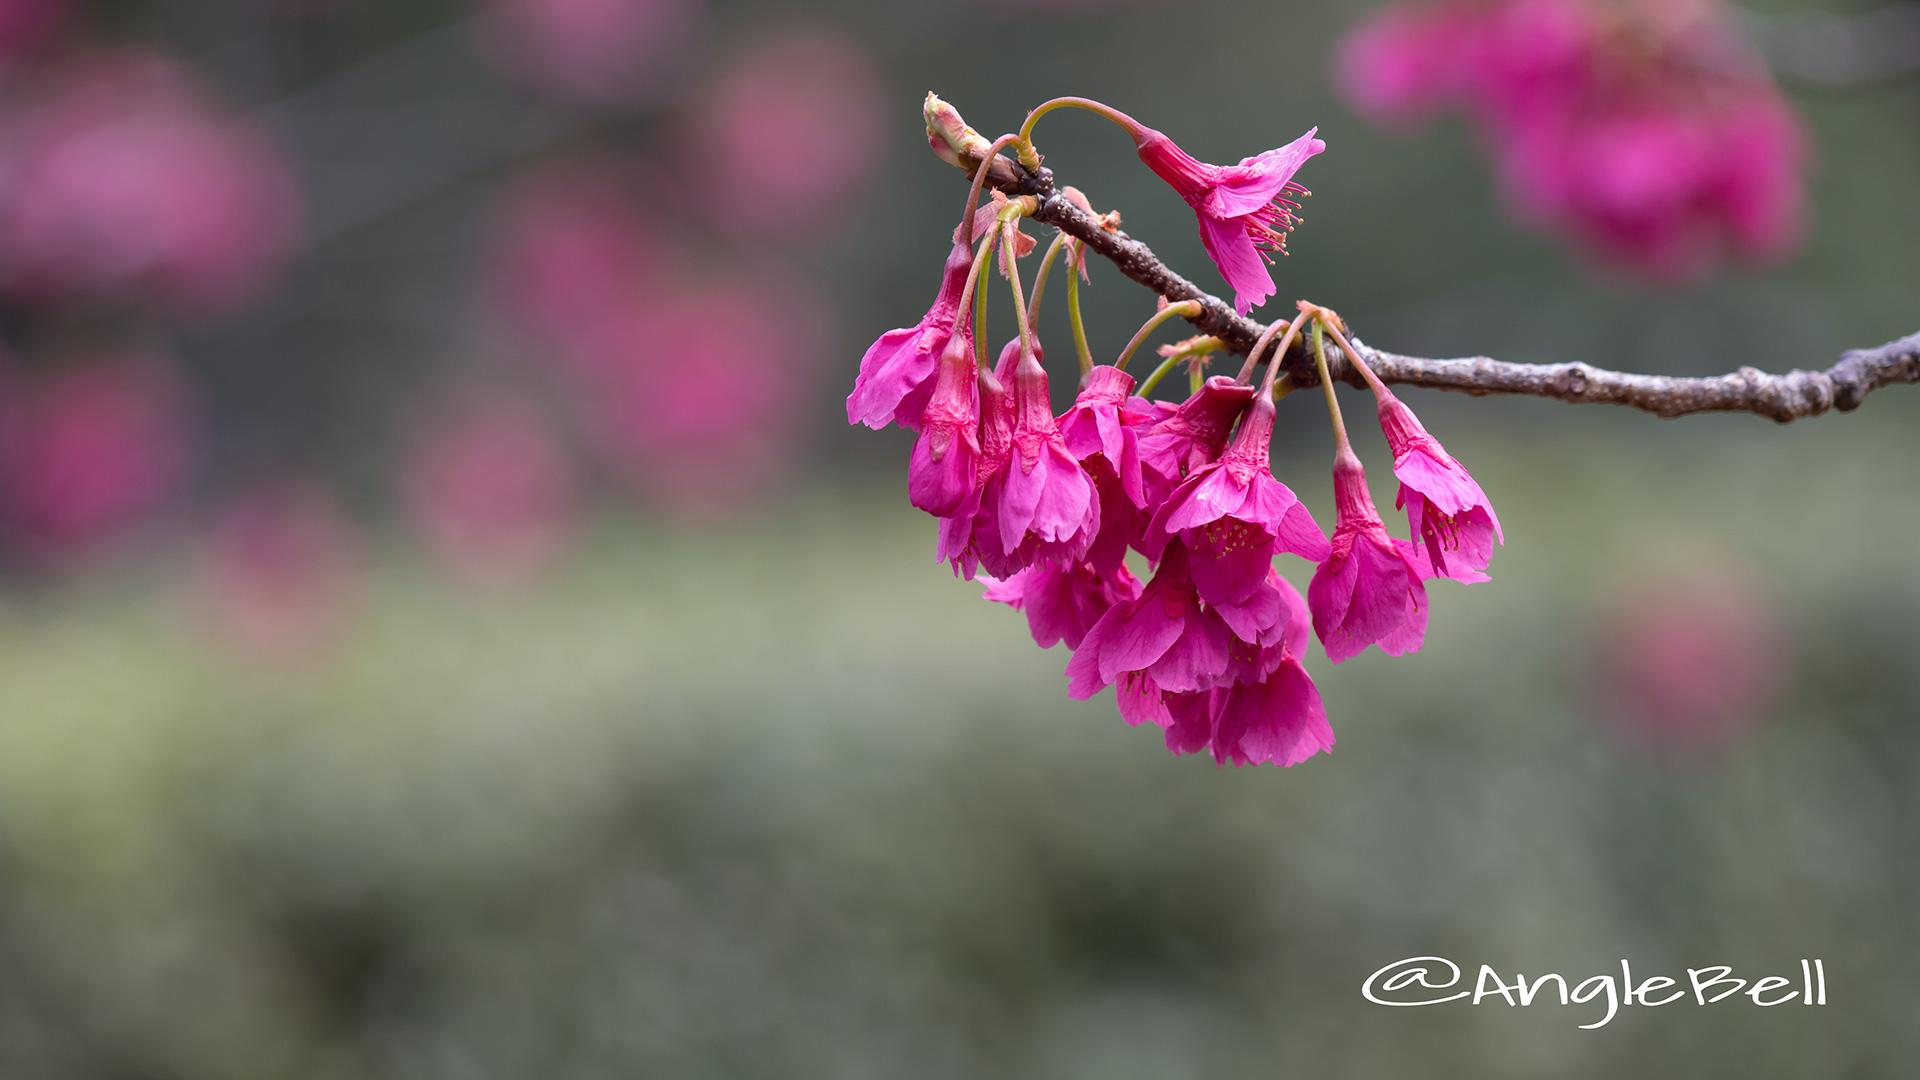 カンヒザクラ 寒緋桜 Flower Photo4